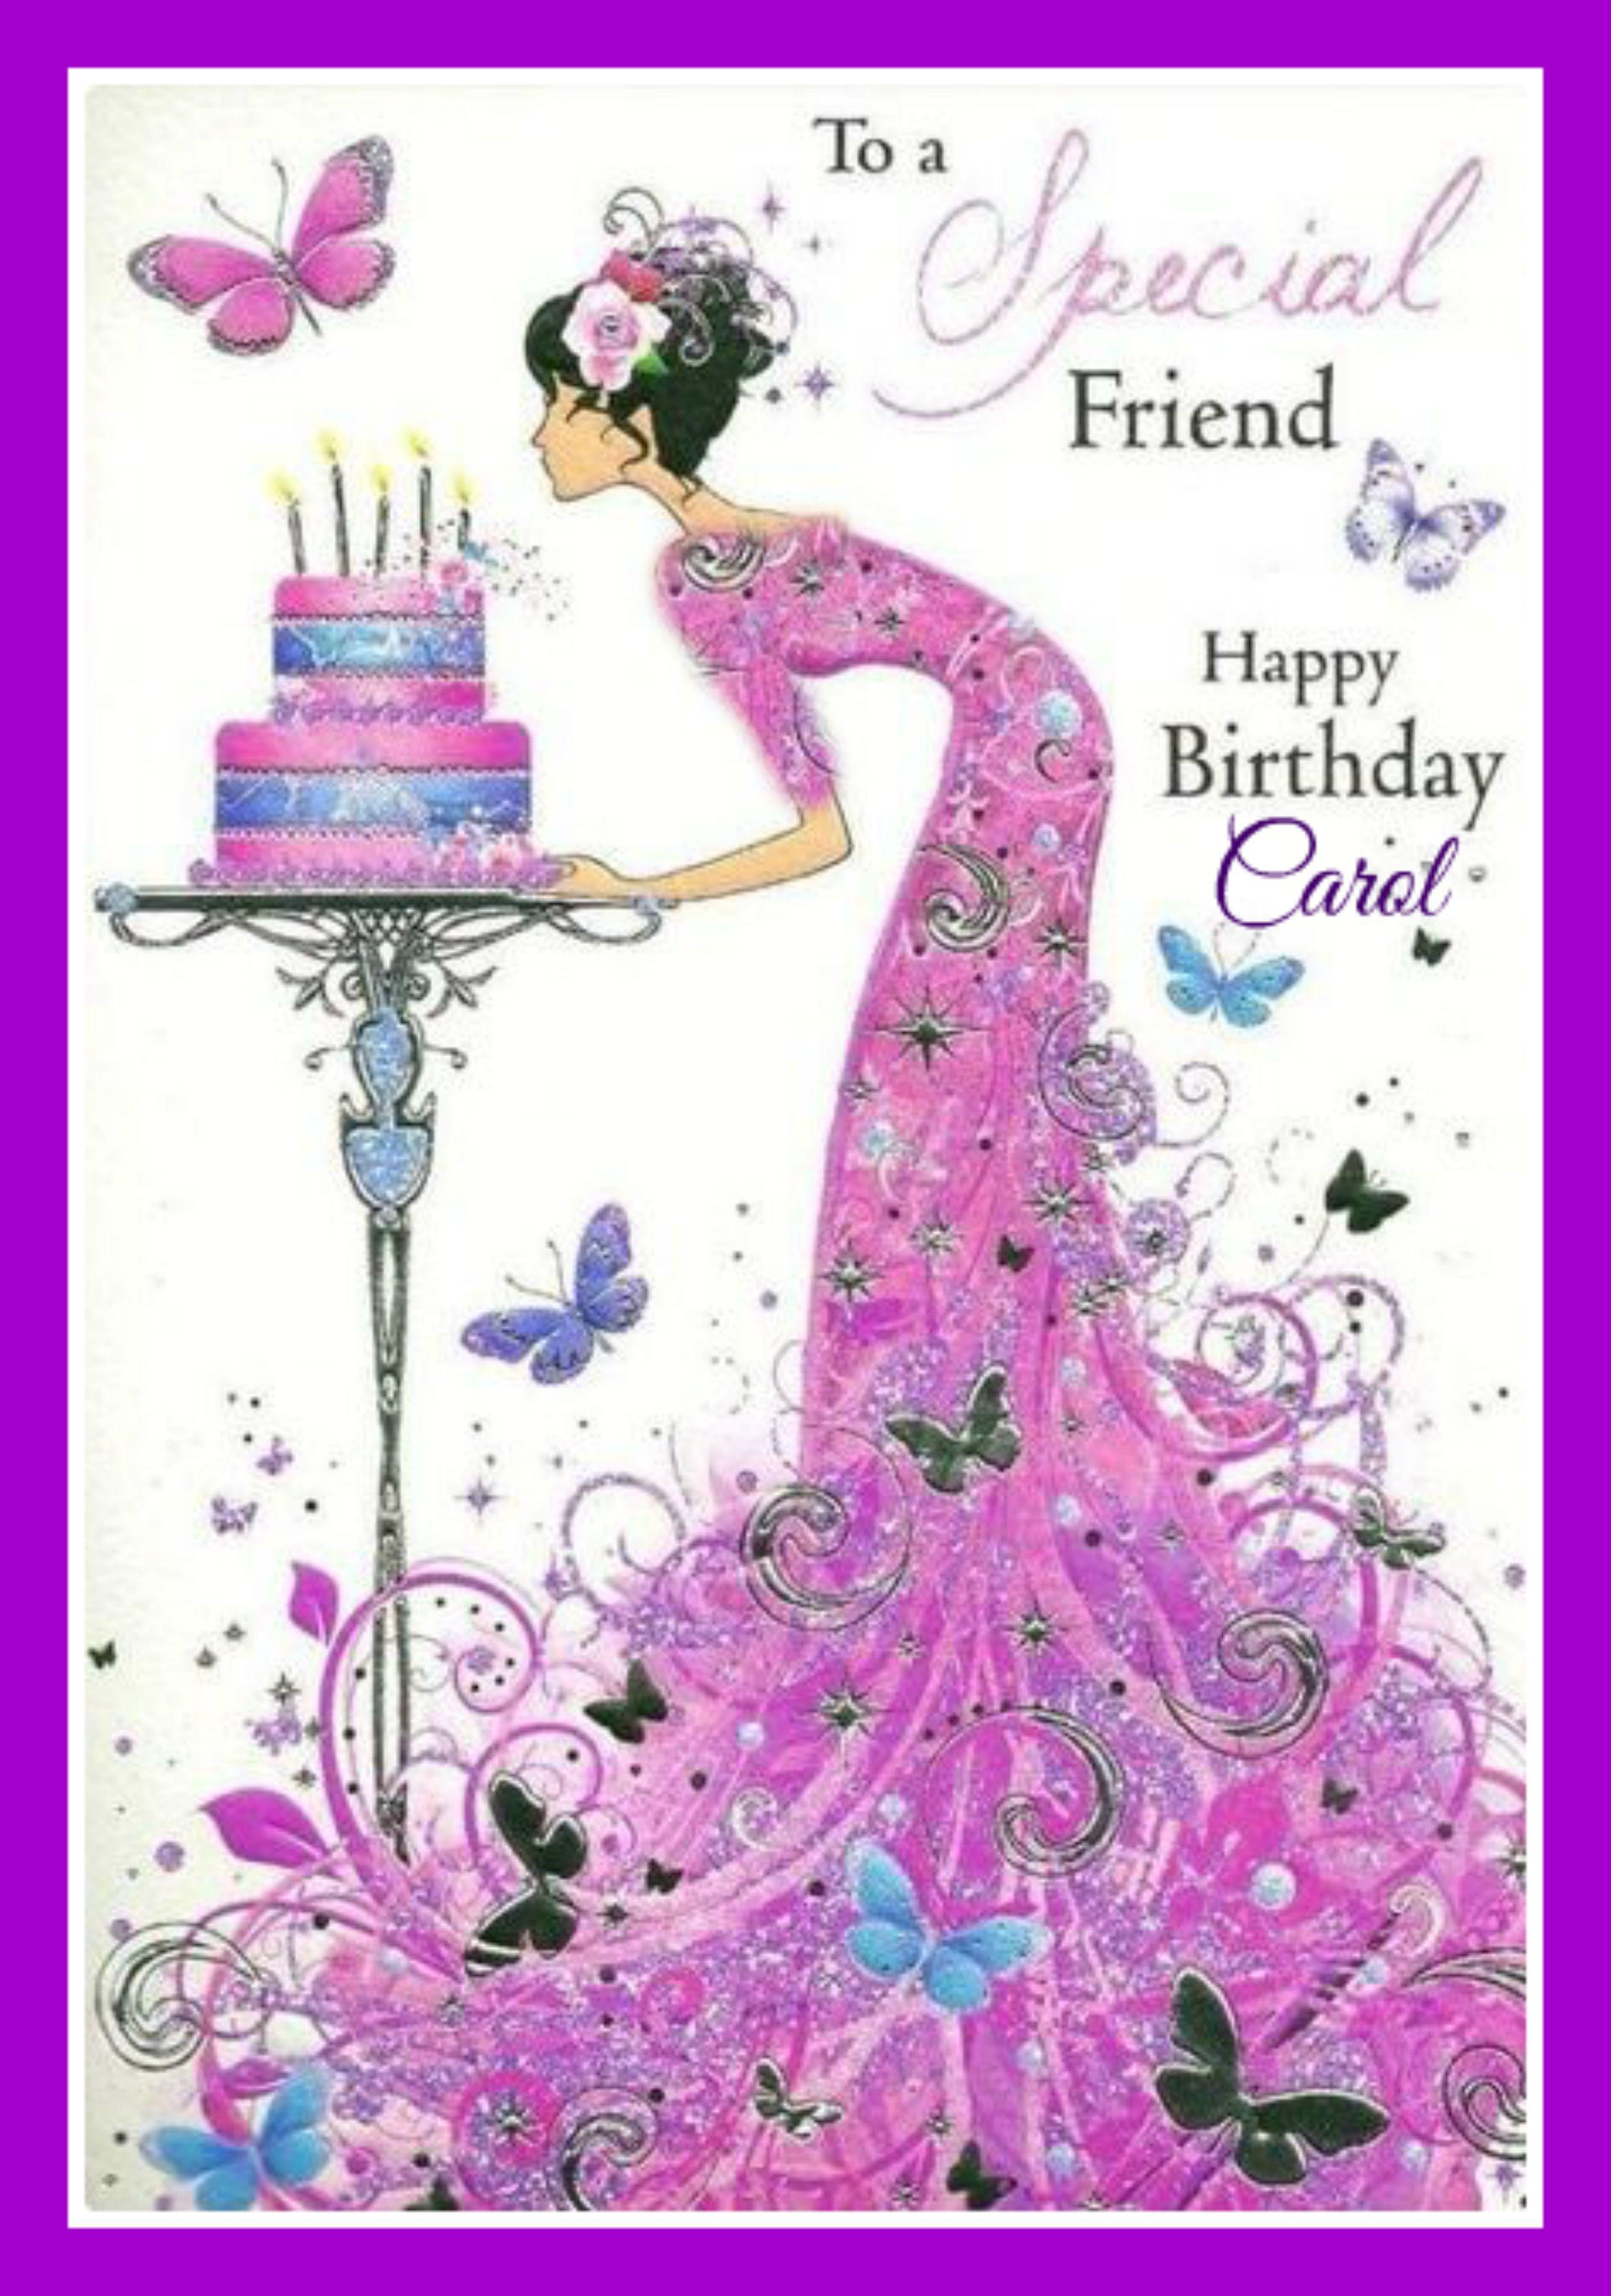 Happy Birthday Carol! Happy birthday friend, Happy